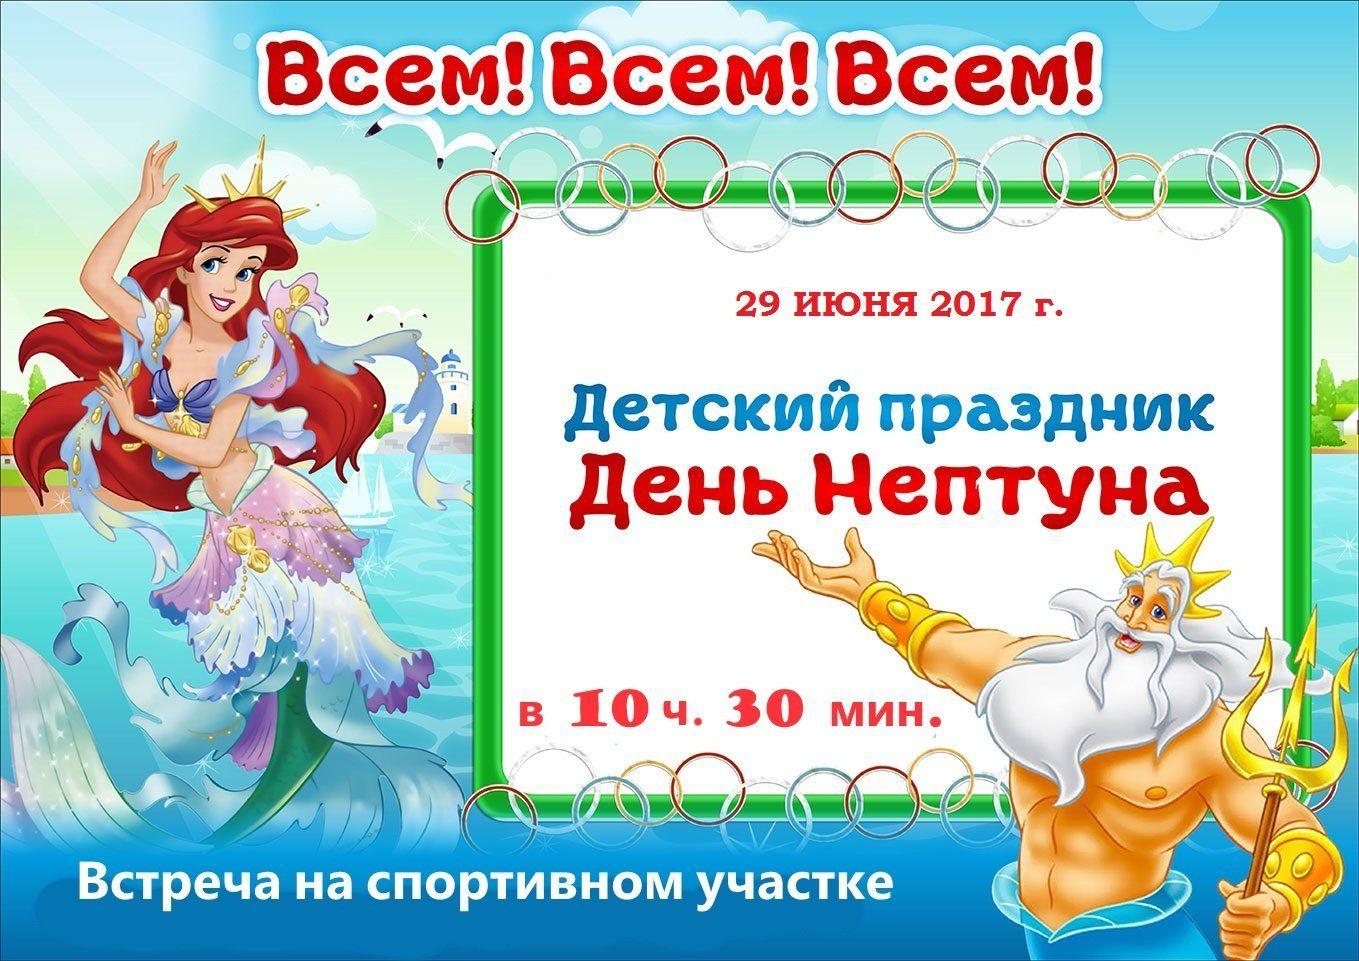 Костюмированное поздравление для юбиляра от Нептуна и Русалок / Веселое 83